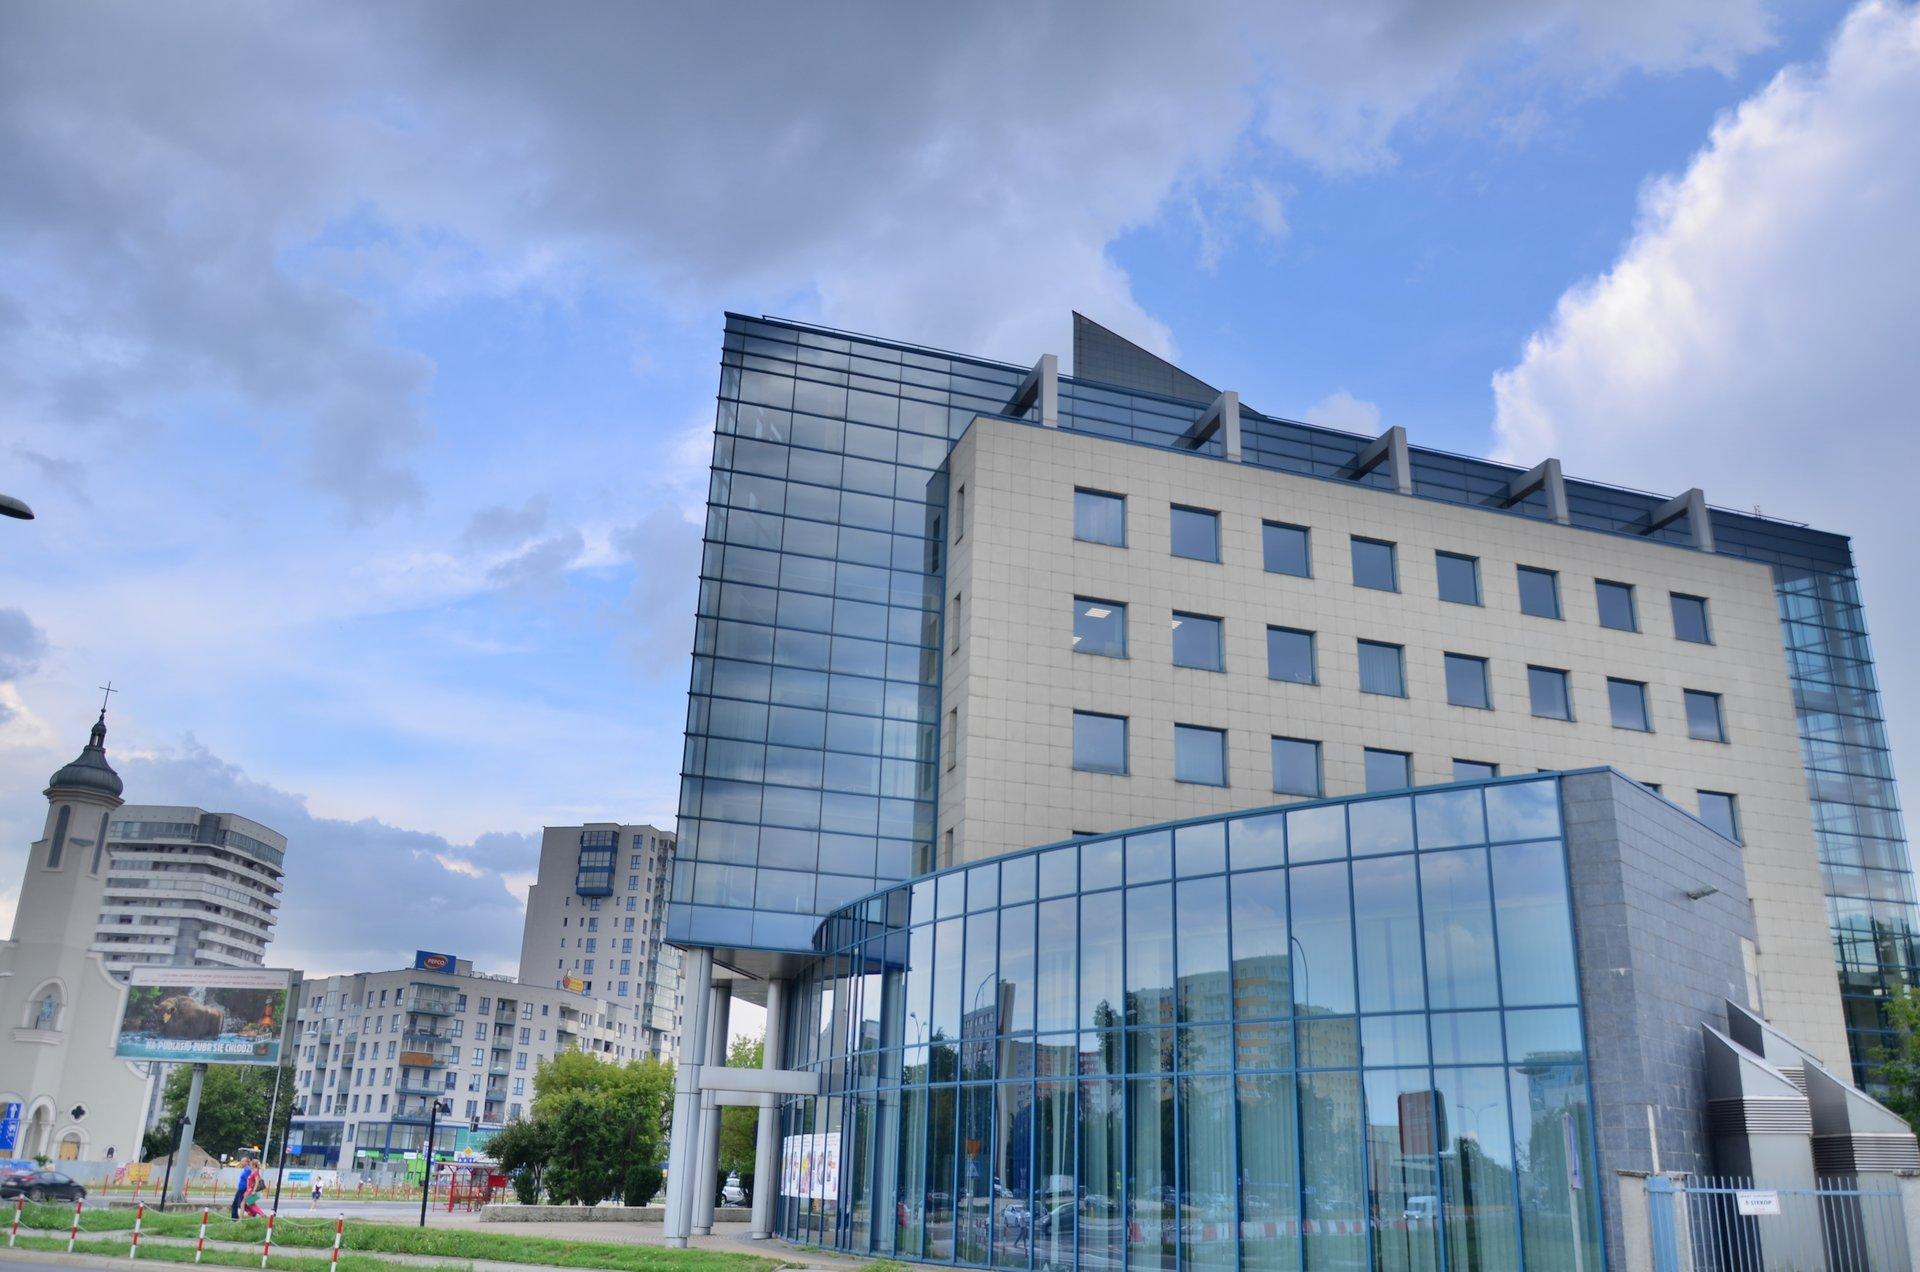 Białystok Cieszyńska centrumfree photo darmowe zdjęcie